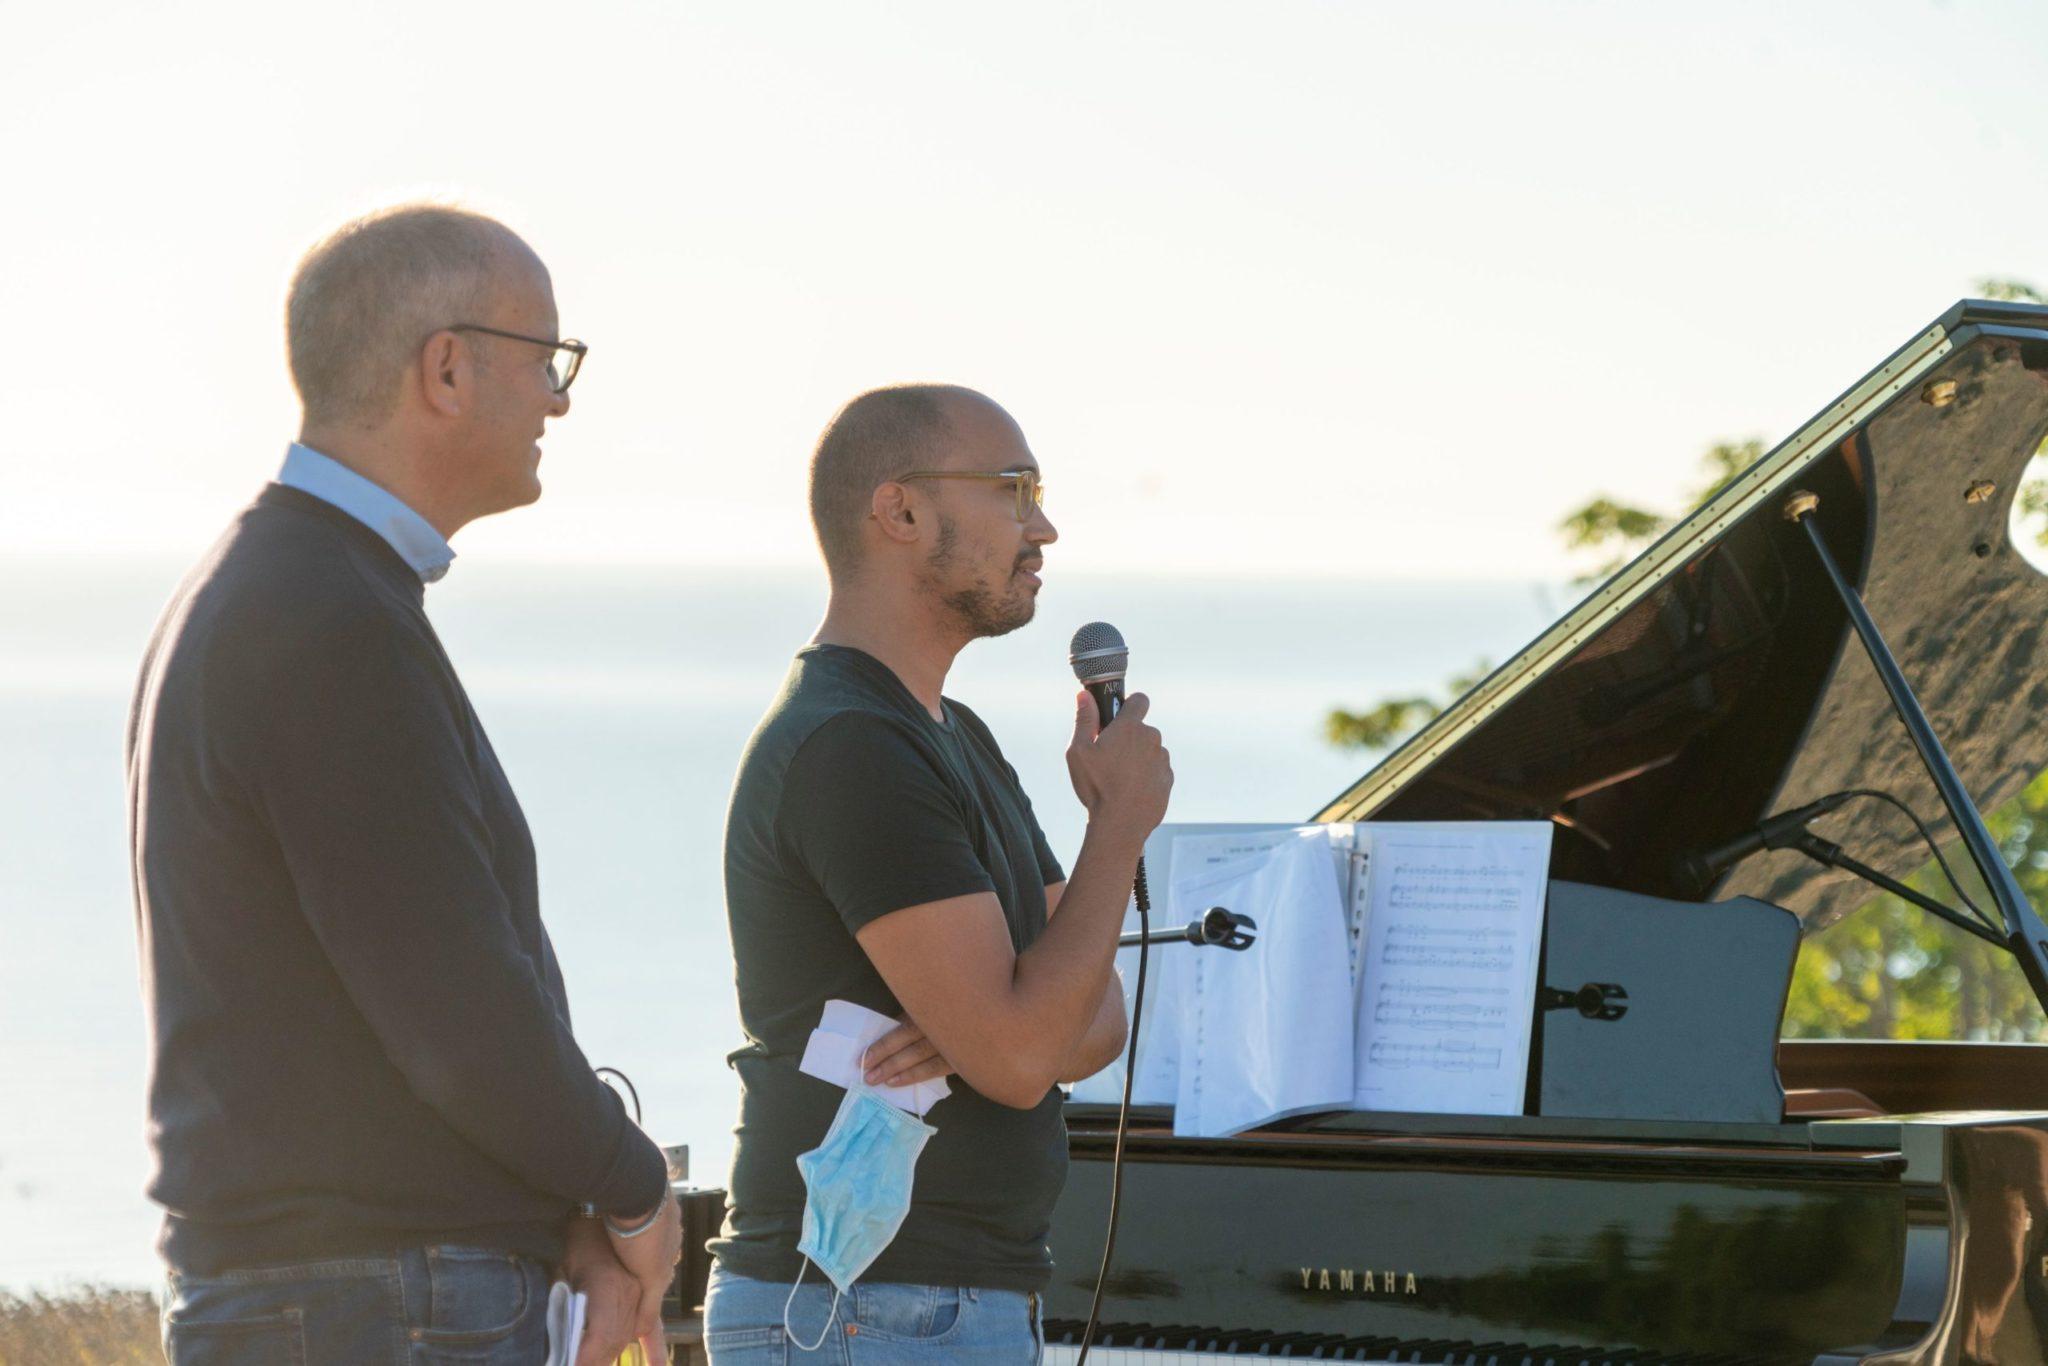 FOTO e VIDEO   Pineto, grandi emozioni con il concerto all'alba dedicato a Ennio Morricone